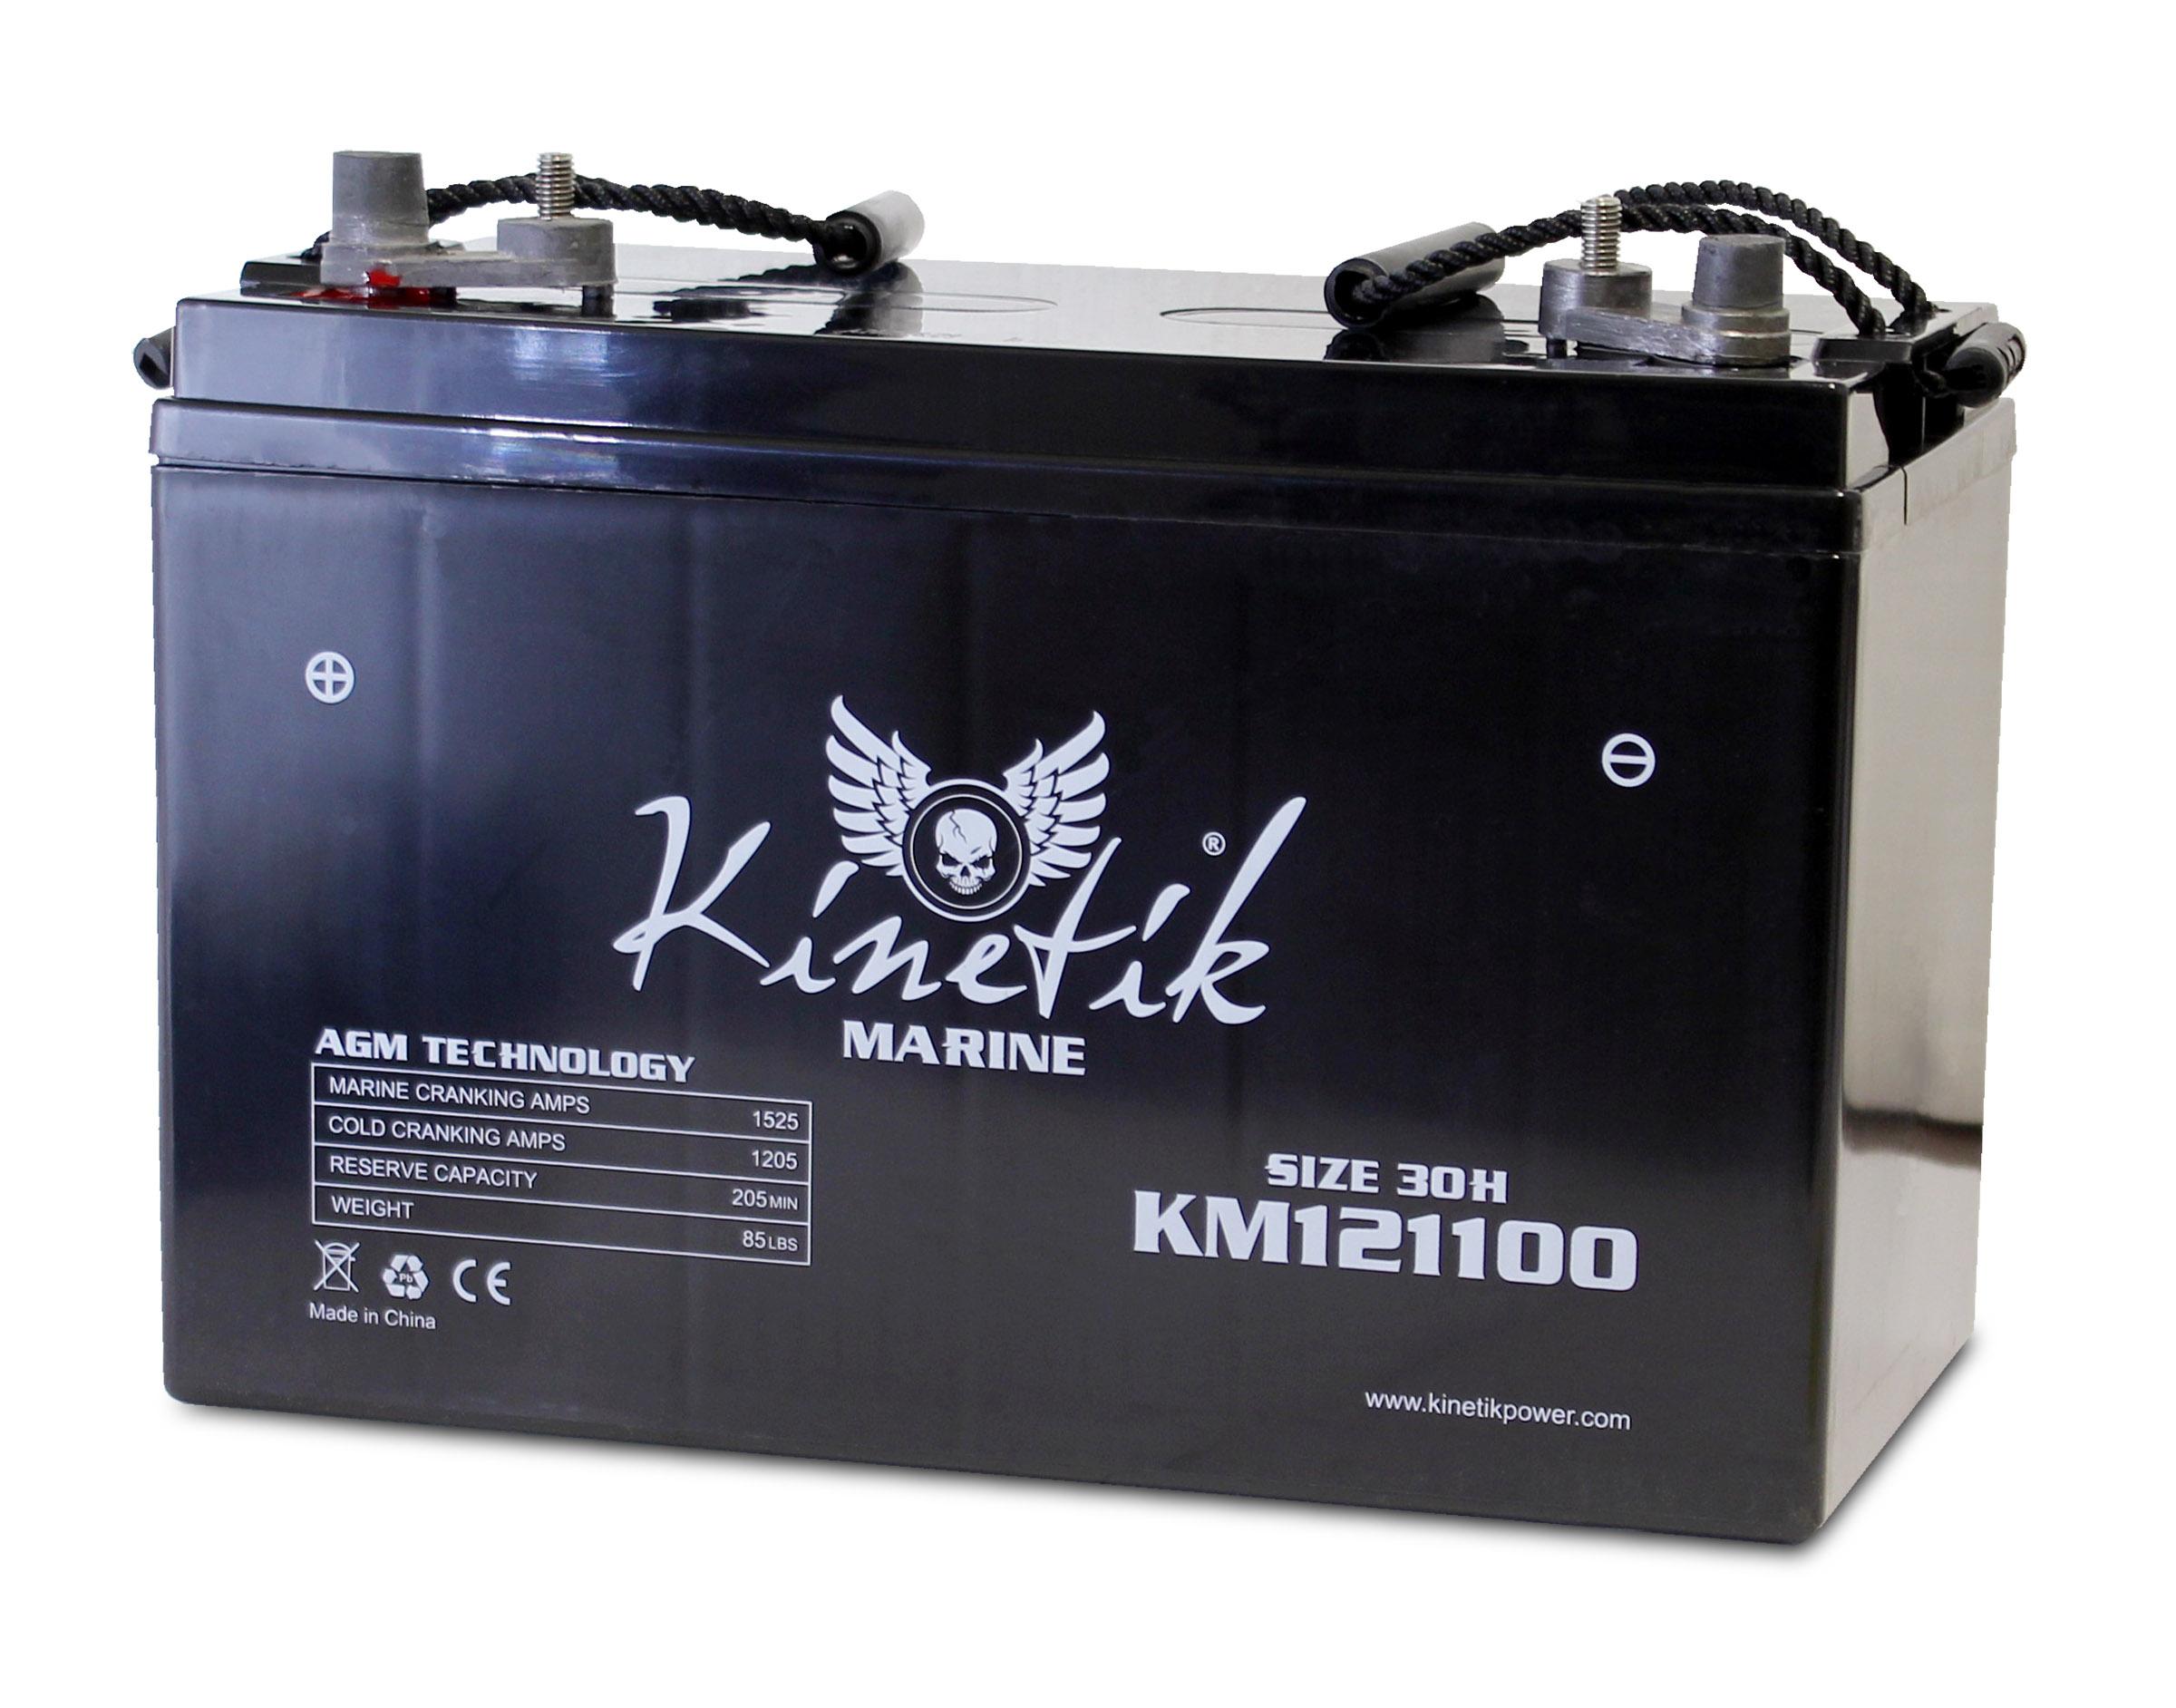 12V 110AH Group 30H Battery for Minn Kota Vantage Transom-Mount